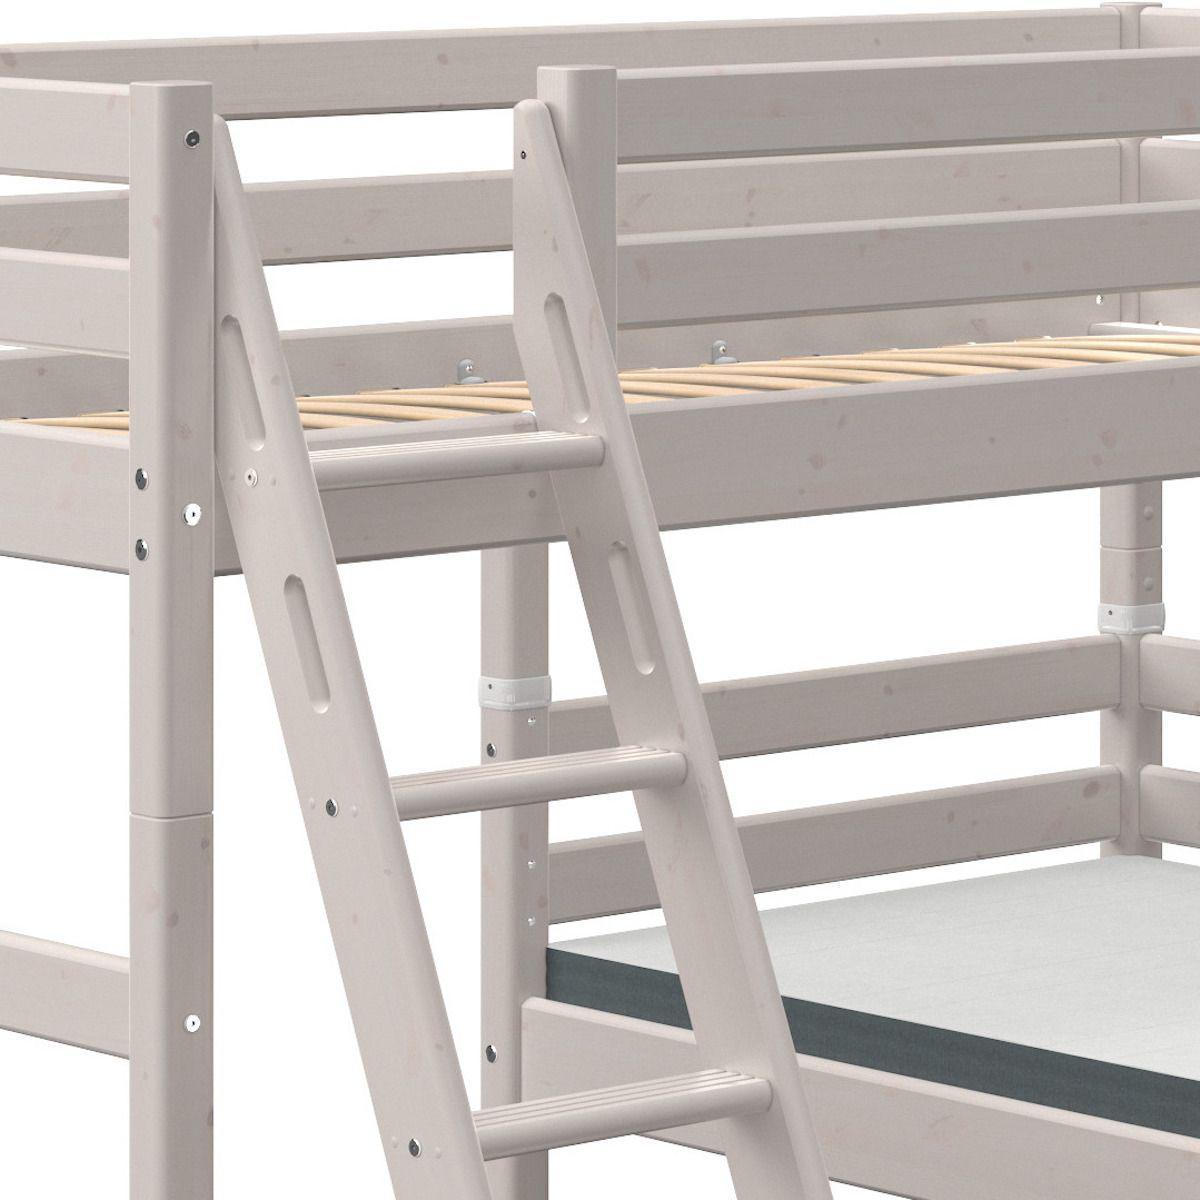 Lit superposé modulable 90x190cm échelle inclinée CLASSIC Flexa grey washed